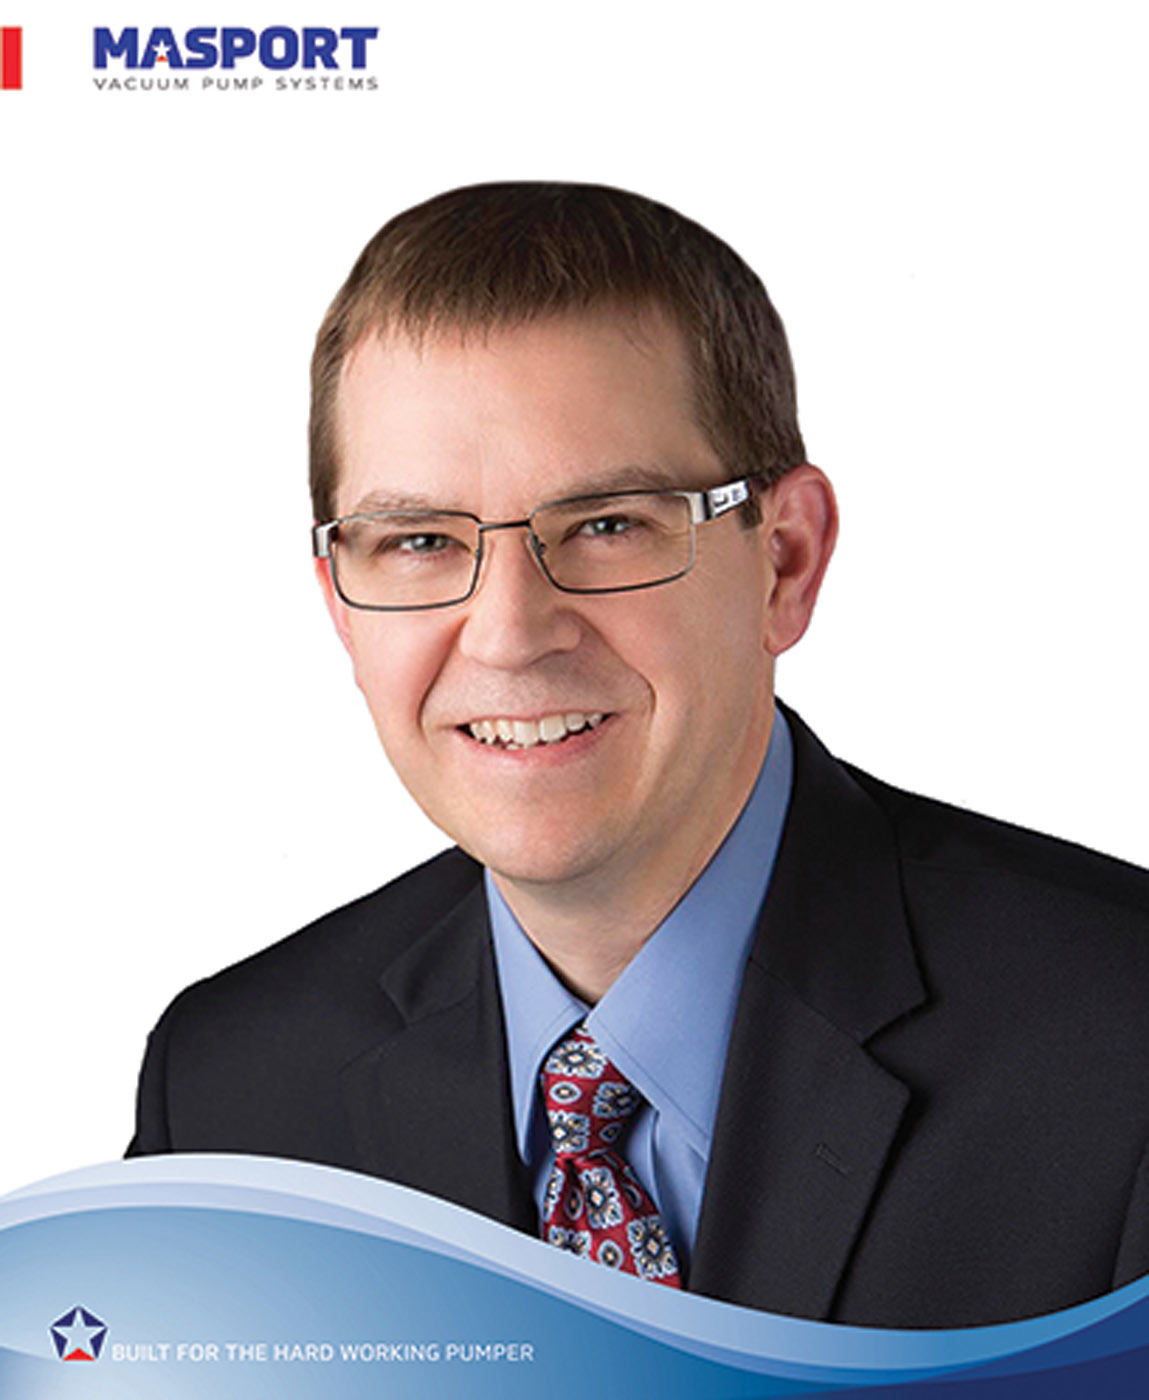 Matthew Wasson